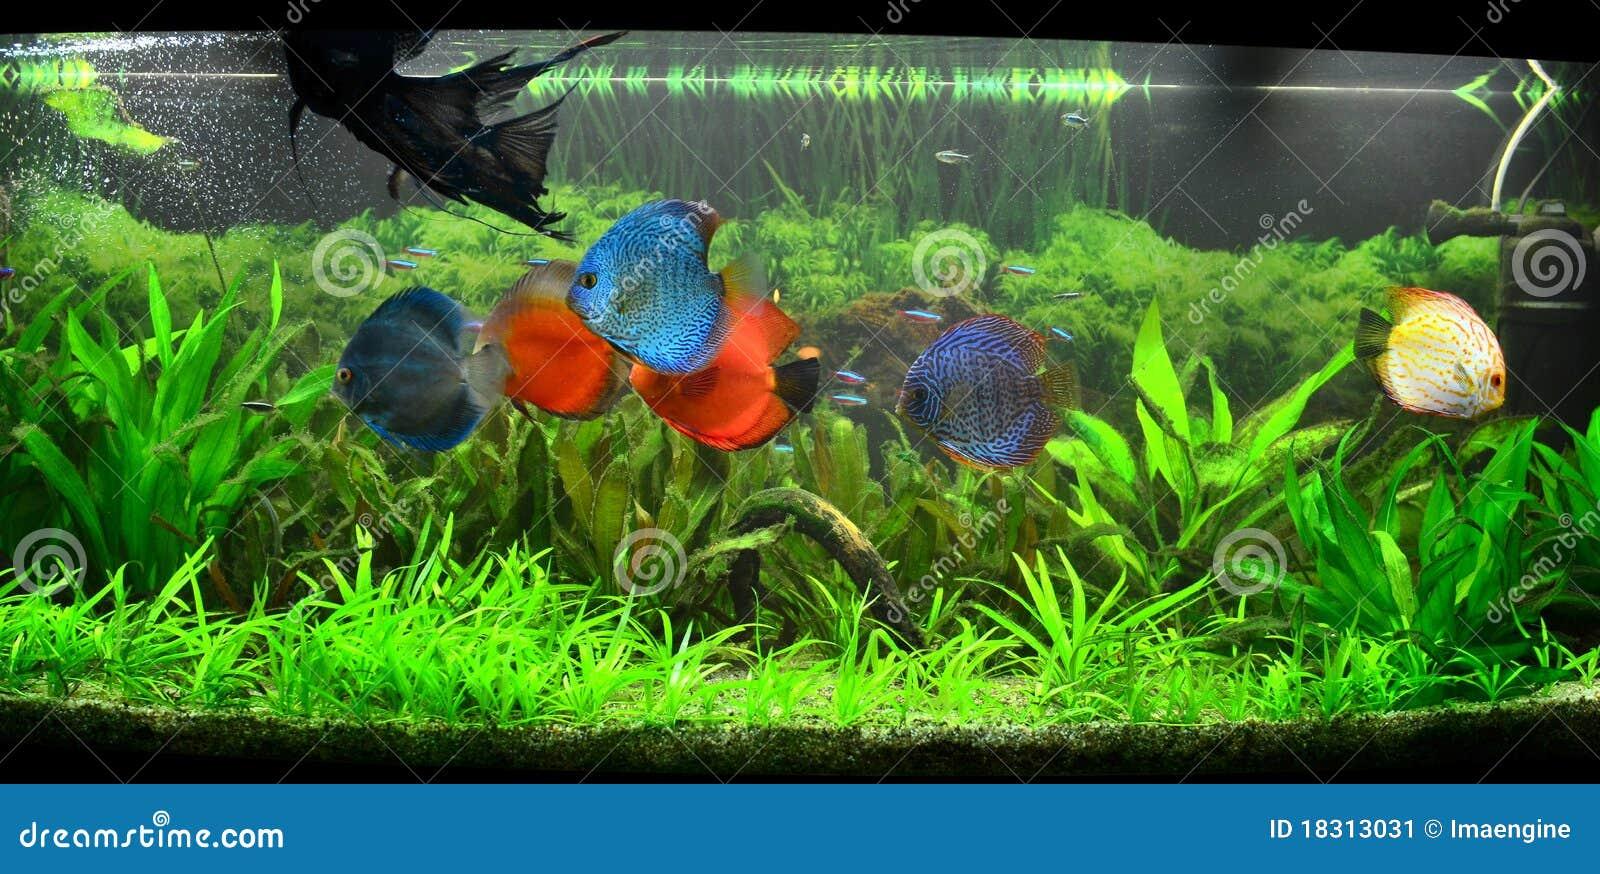 r servoir de poissons exotique aquarium amazonien image stock image 18313031. Black Bedroom Furniture Sets. Home Design Ideas